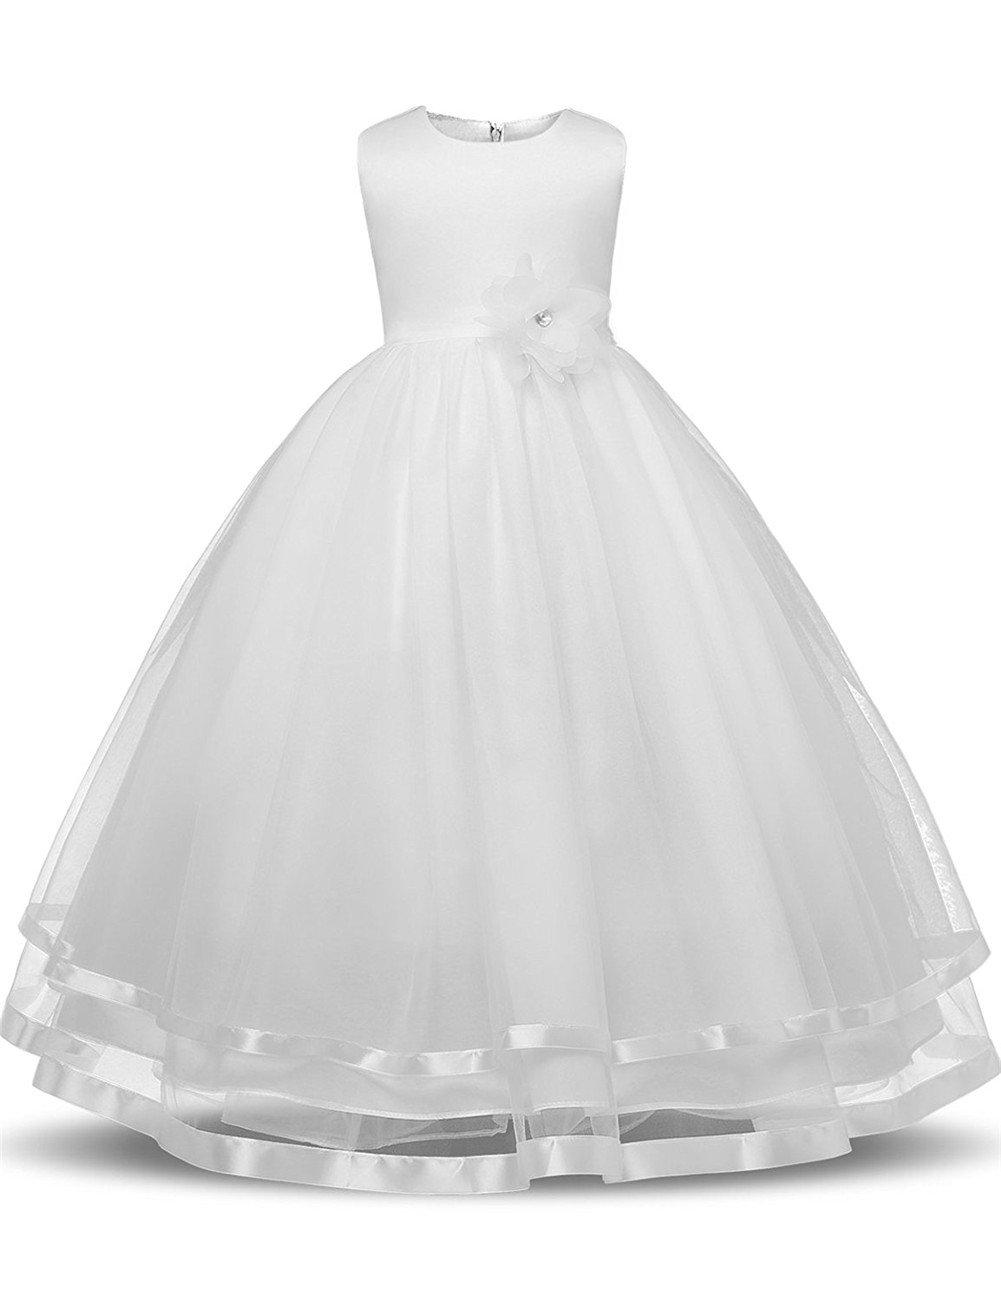 4t White Dress Amazon